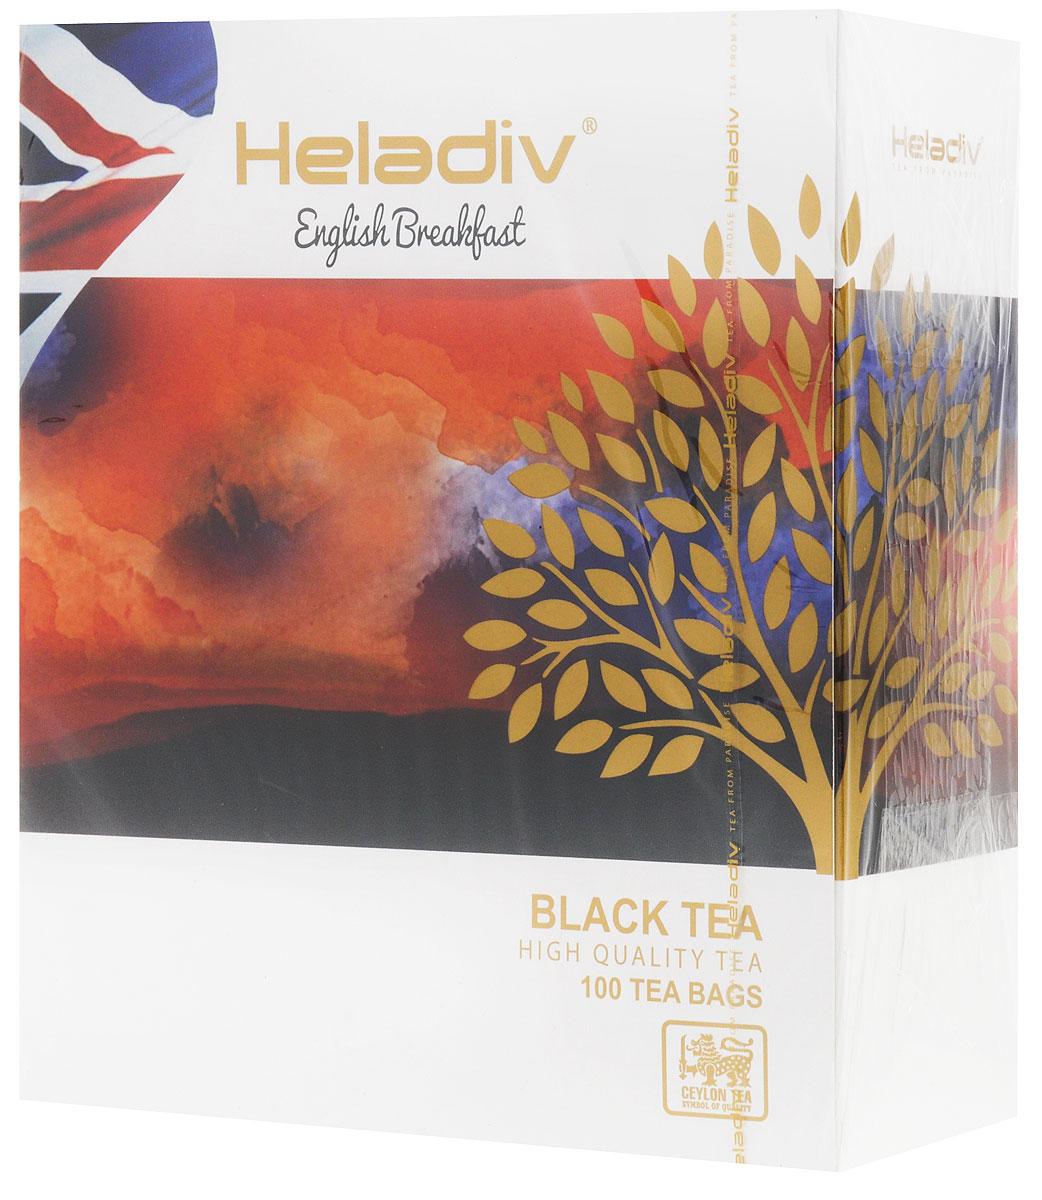 Heladiv English Breakfast чай черный в пакетиках, 100 шт4791007008767Heladiv English Breakfast - высокогорный элитный чай, классического вкуса и аромата. Этот крепкий и бодрящий по вкусу напиток прекрасно пробуждает от сна.